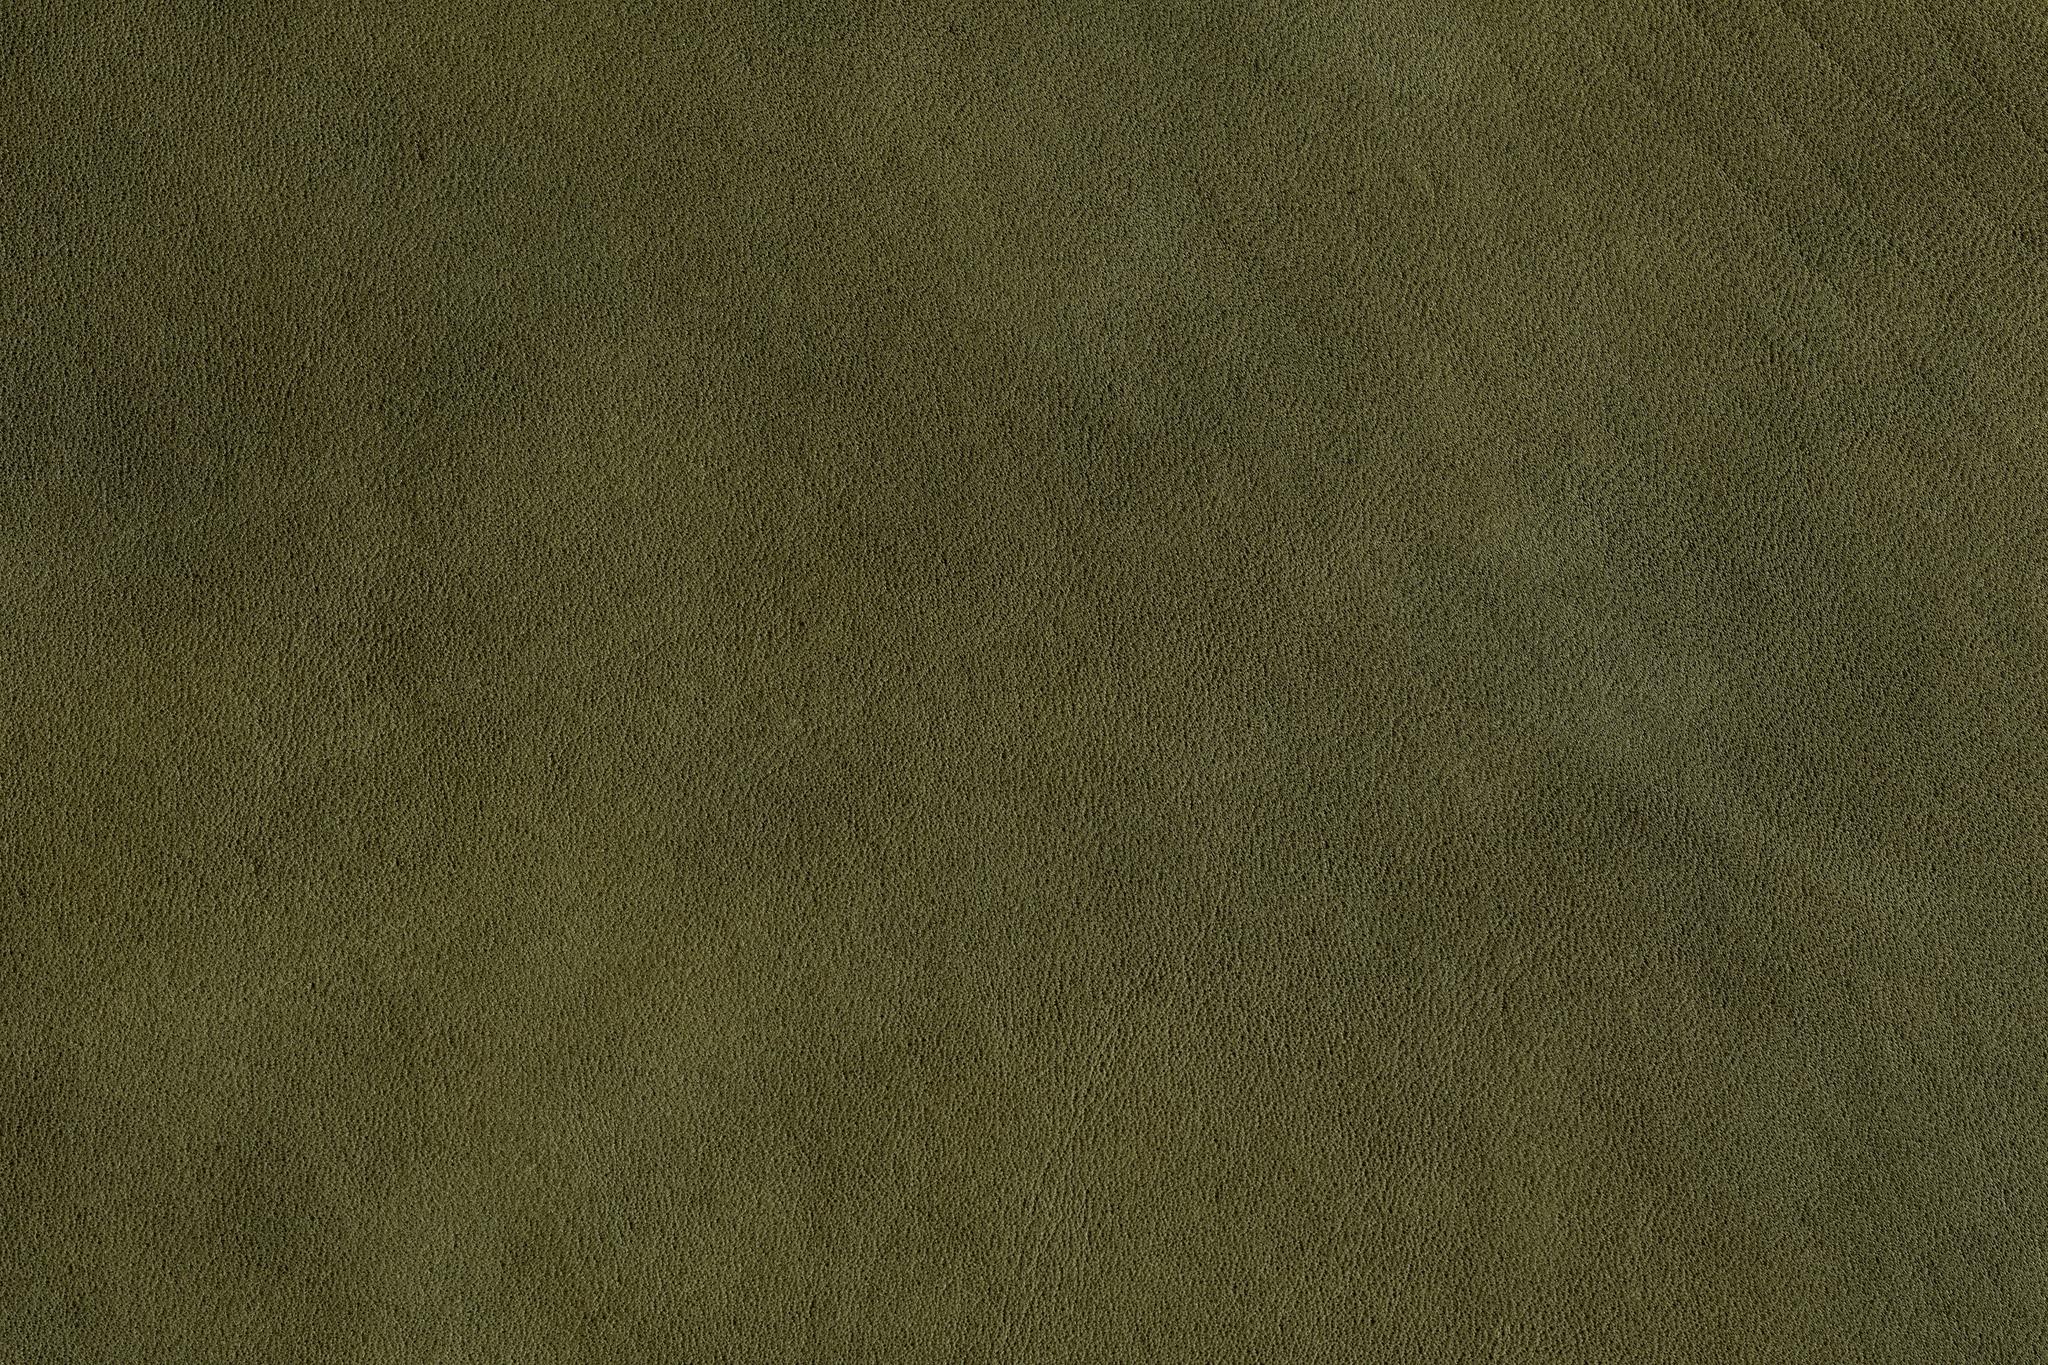 「モスグリーンの革のテクスチャ」